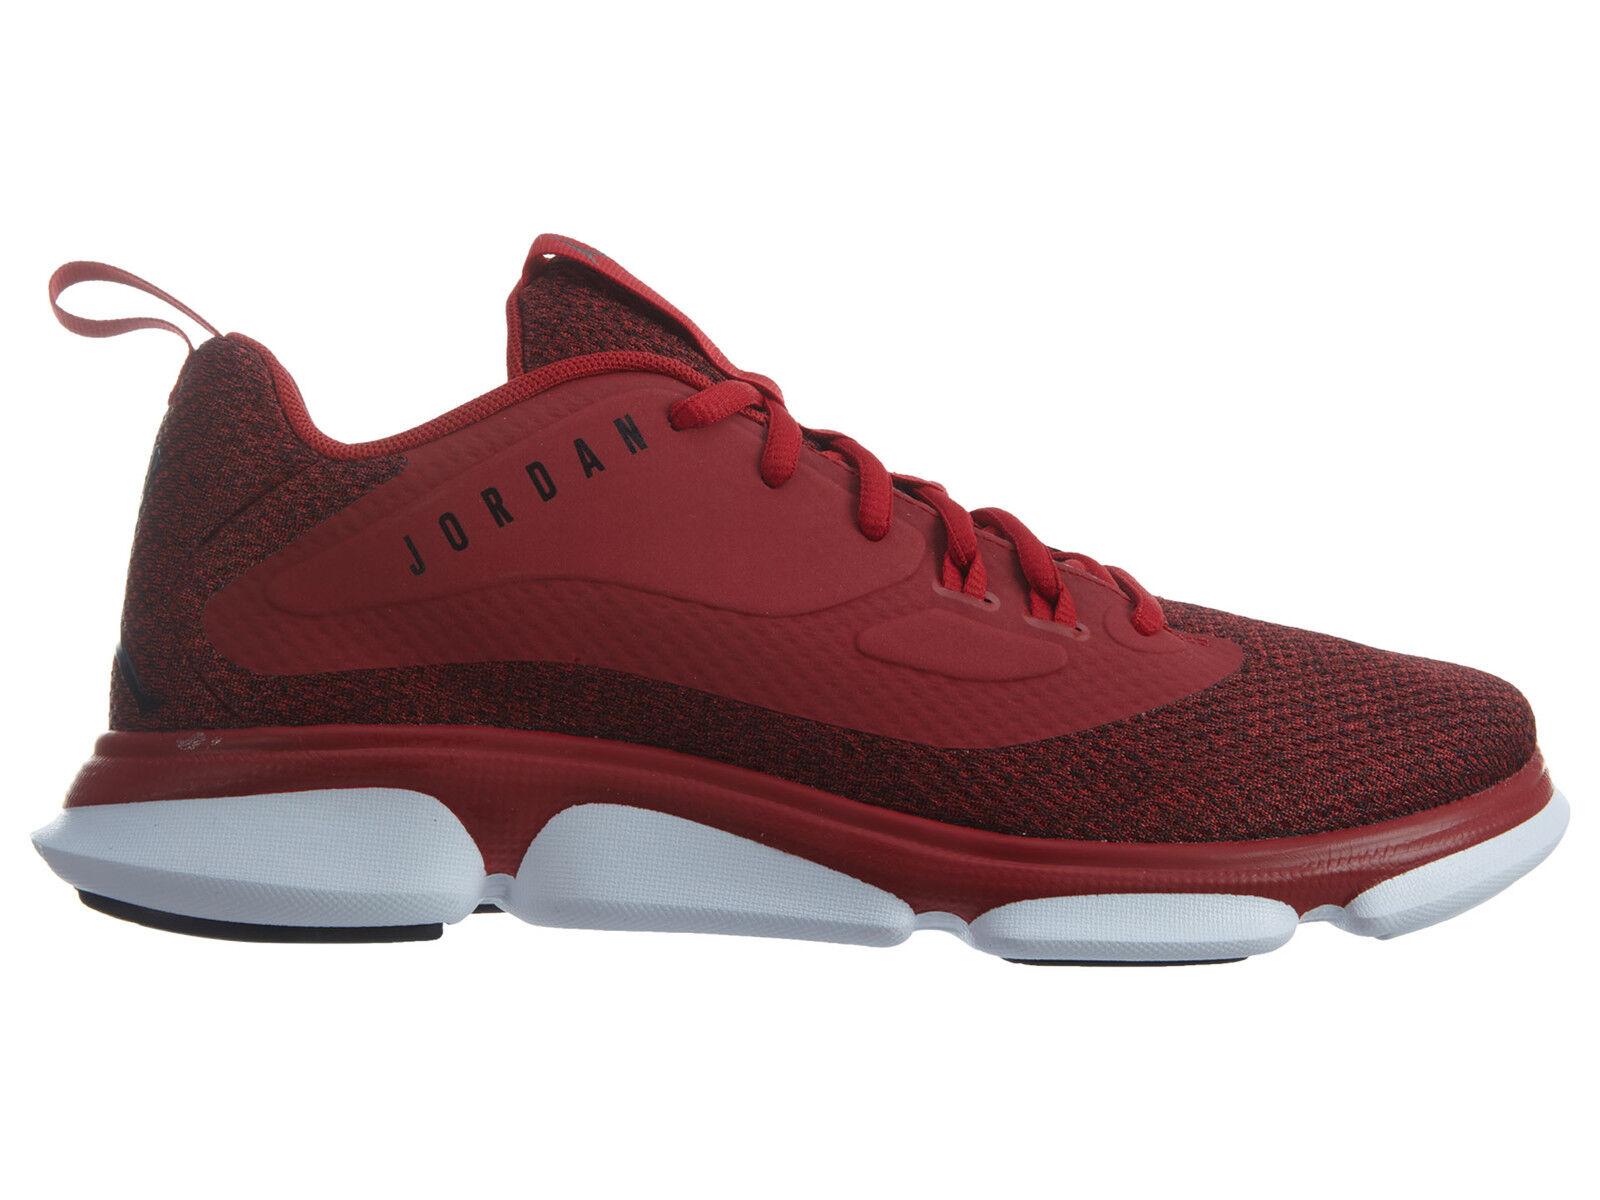 Jordan auswirkungen tr rot mens 854289-601 turnhalle sportlich trainingsschuhen komfortable rot tr - schwarz 55b9ec